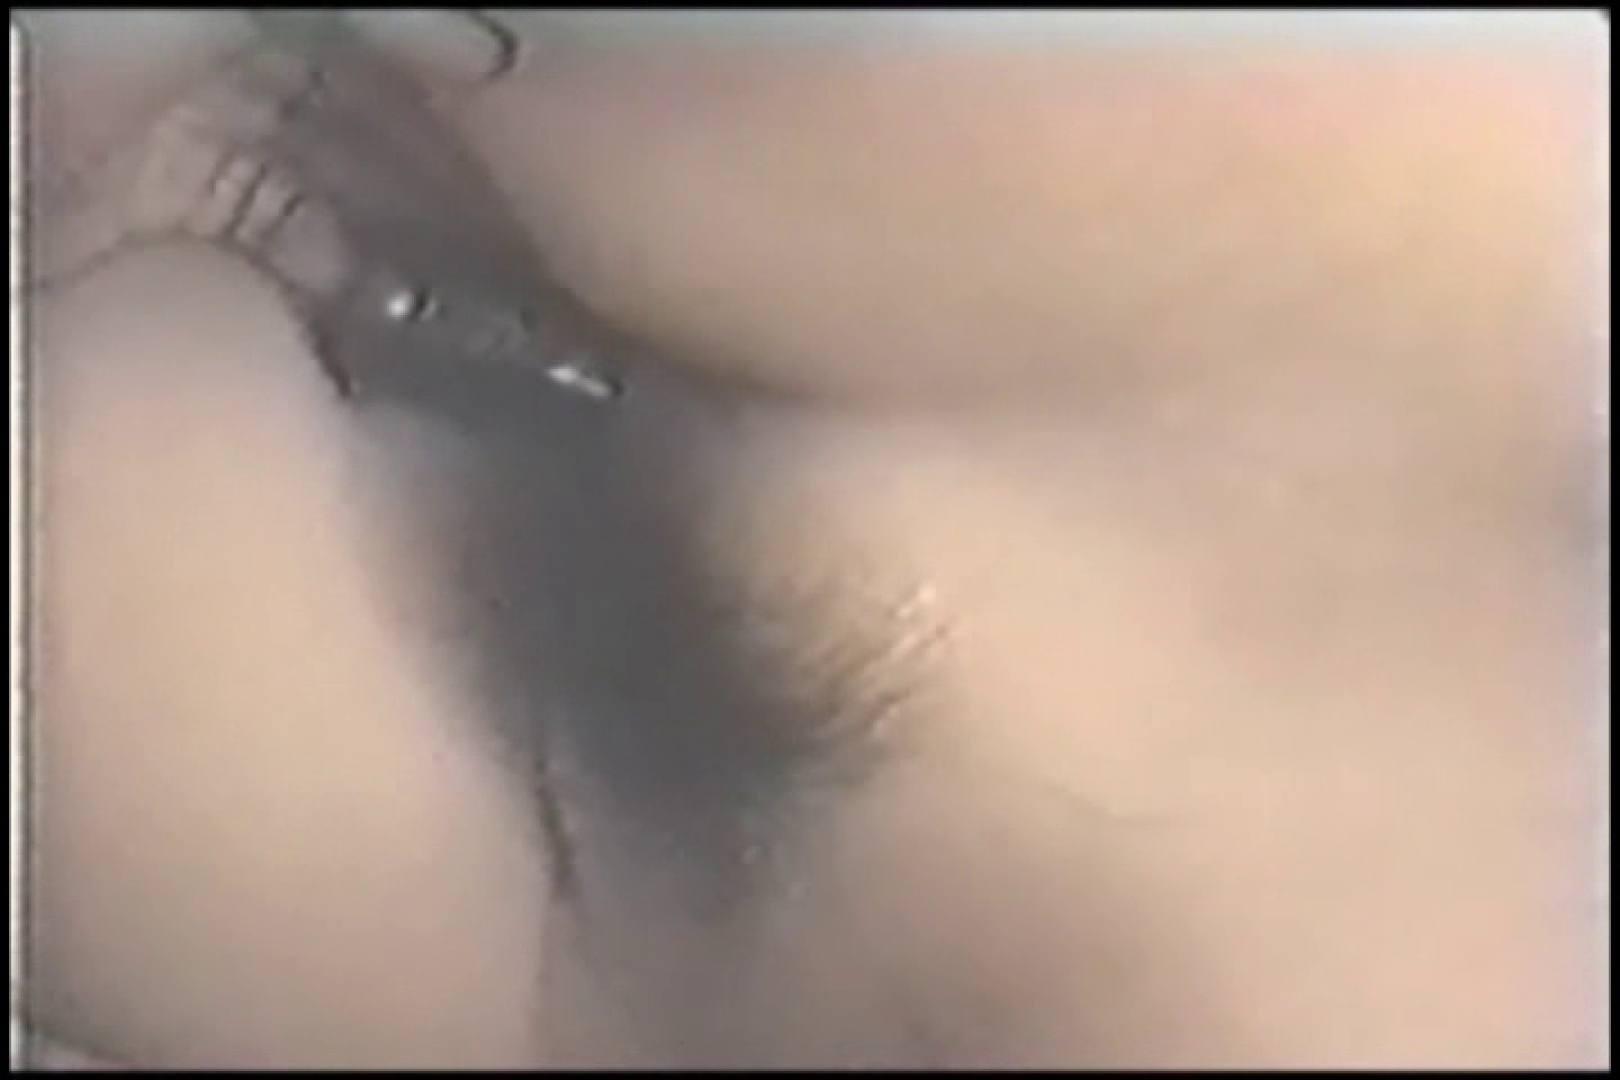 前後不覚に酔っている女を撮影する鬼畜親父 一般投稿  56pic 3